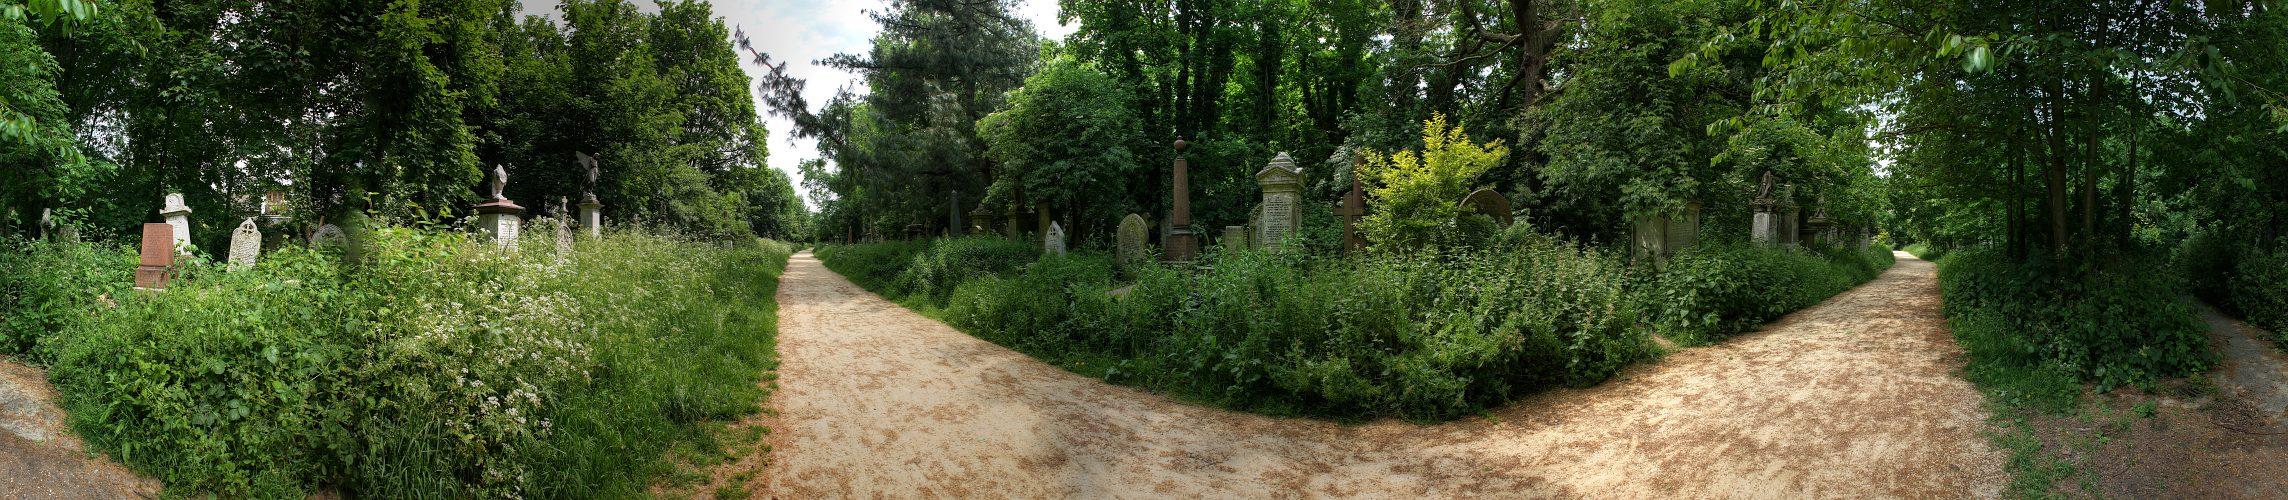 Abney Park VIII